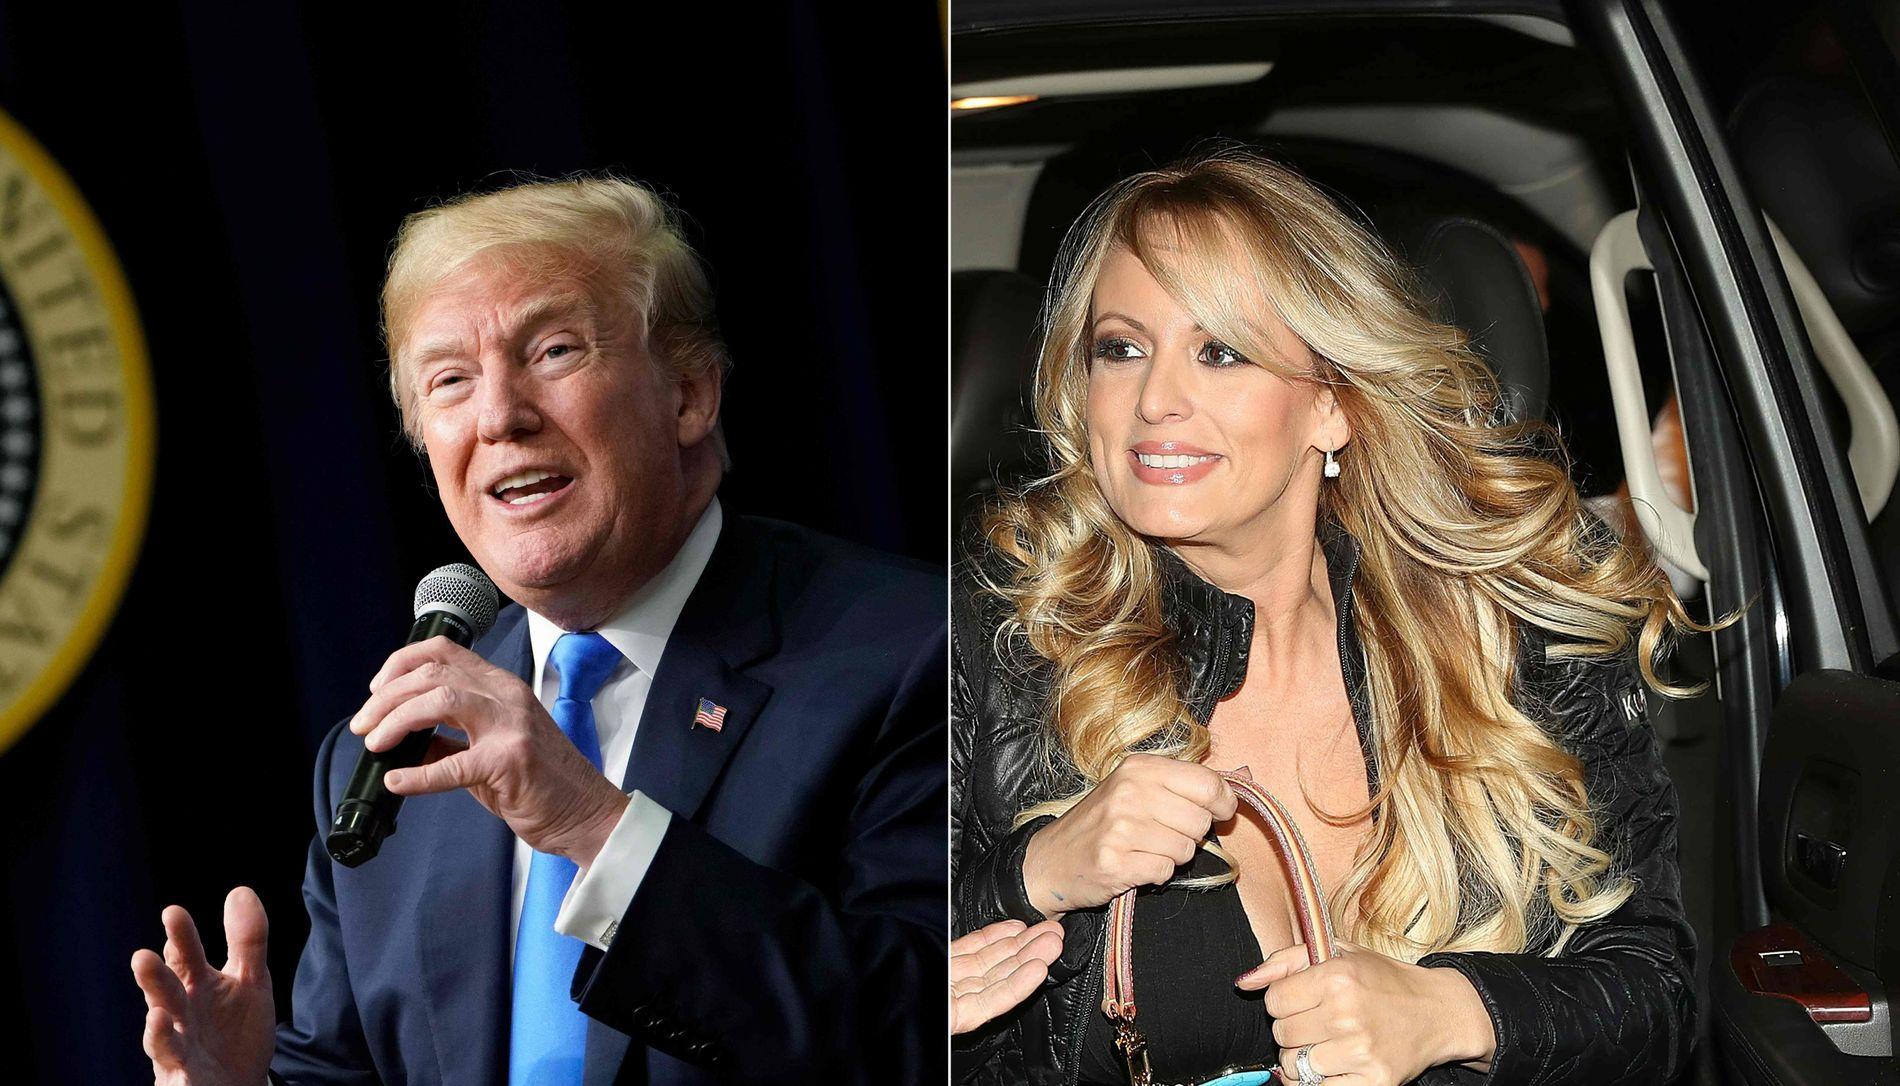 FORHOLD? De har ulike versjoner om de faktisk hadde et seksuelt forhold, men nå ser det ut til at de er enige i at han, Donald Trump, betalte henne, Stormy Daniels, penger for hennes taushet.